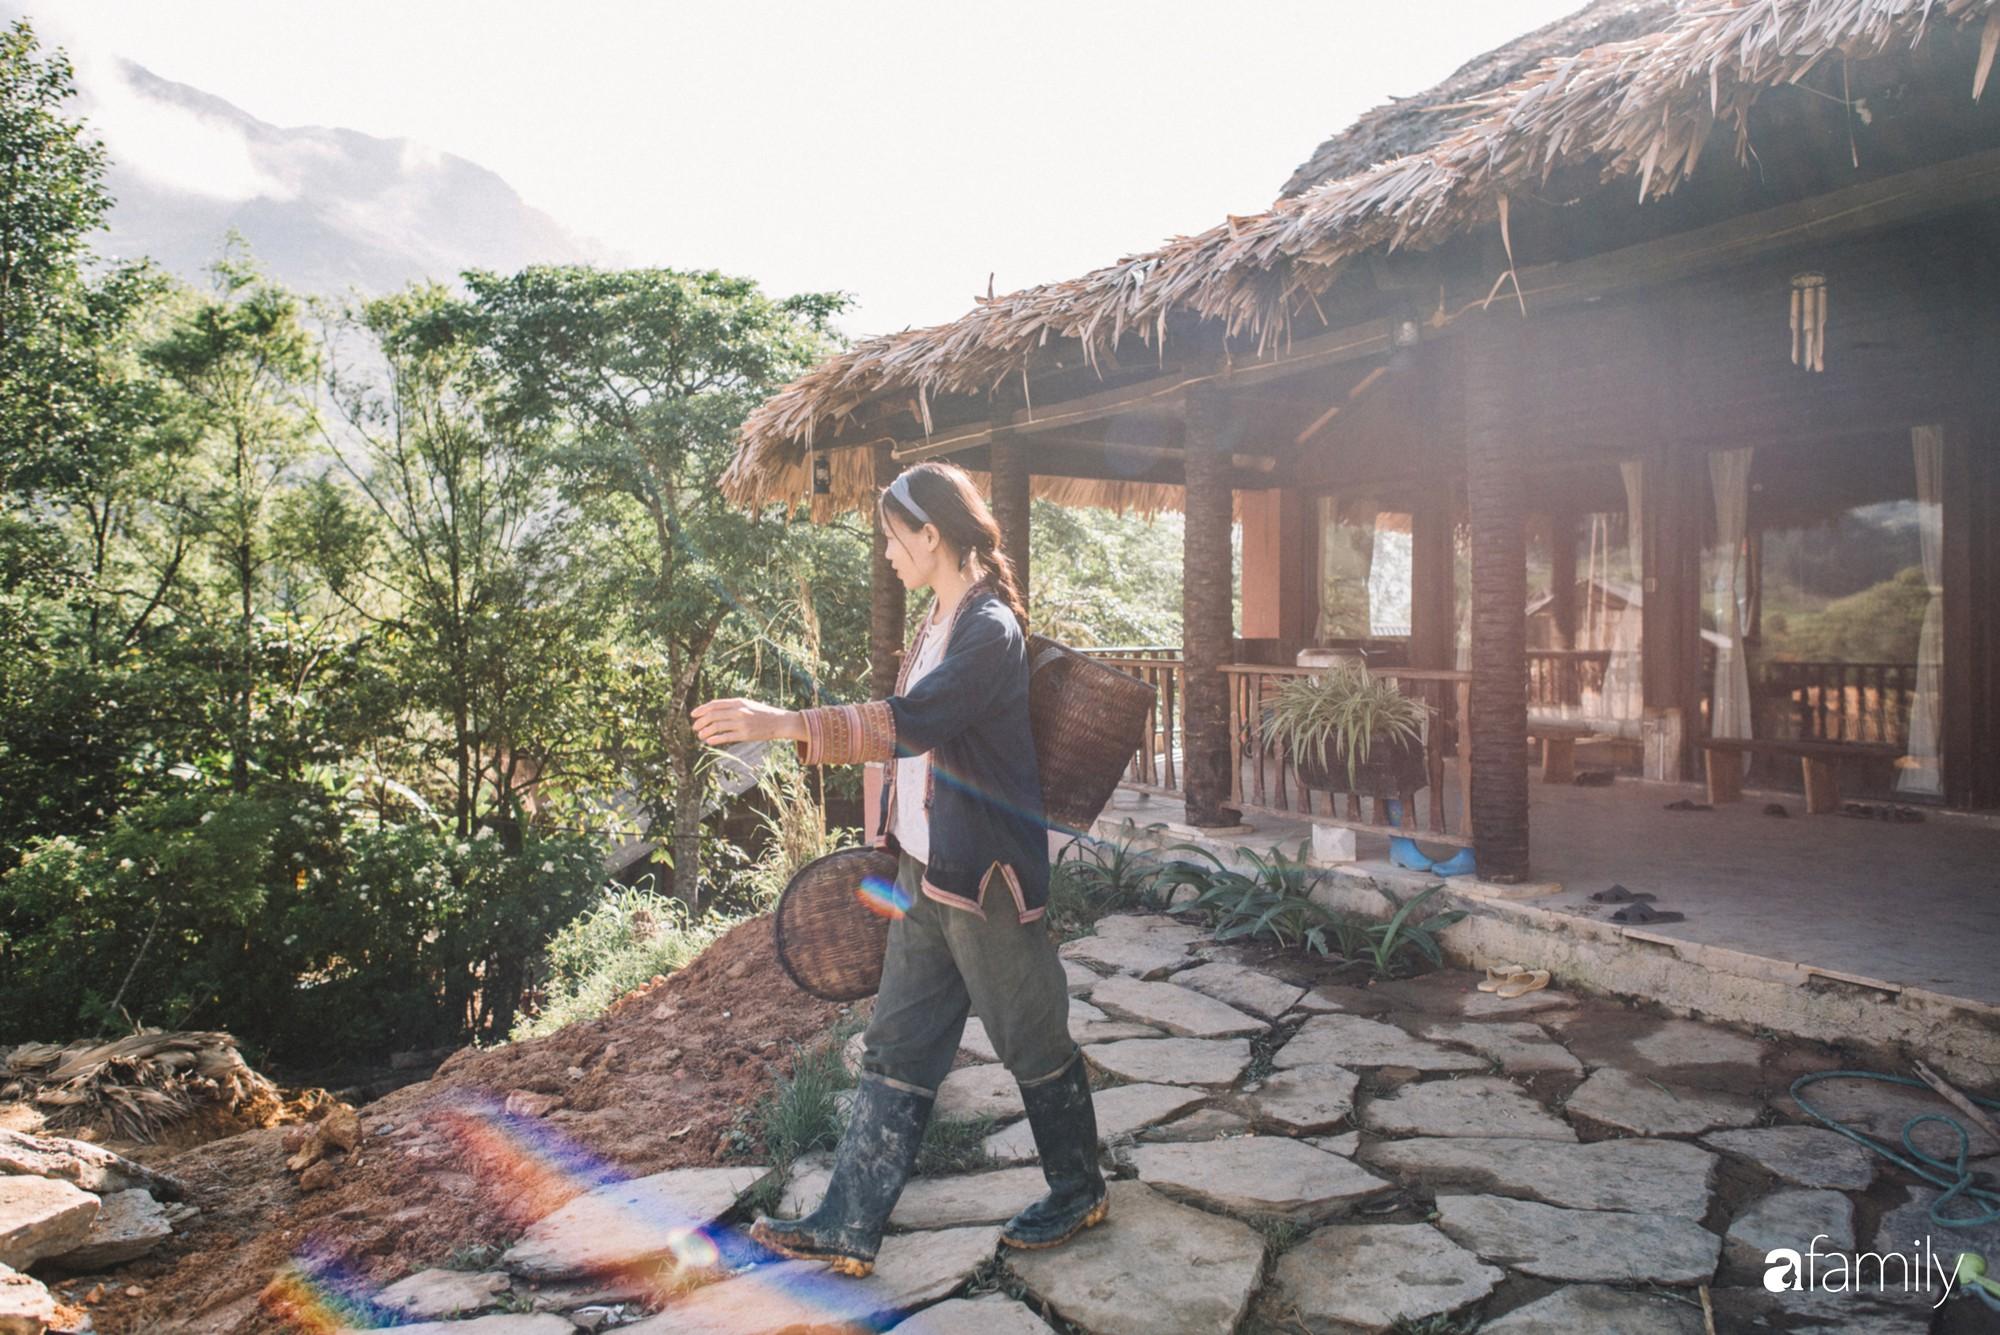 Cô designer bỏ Hà Nội lên rừng ẩn cư, ăn chay, lưu giữ thanh xuân rực rỡ qua những clip mỹ thực vạn người mê - Ảnh 21.